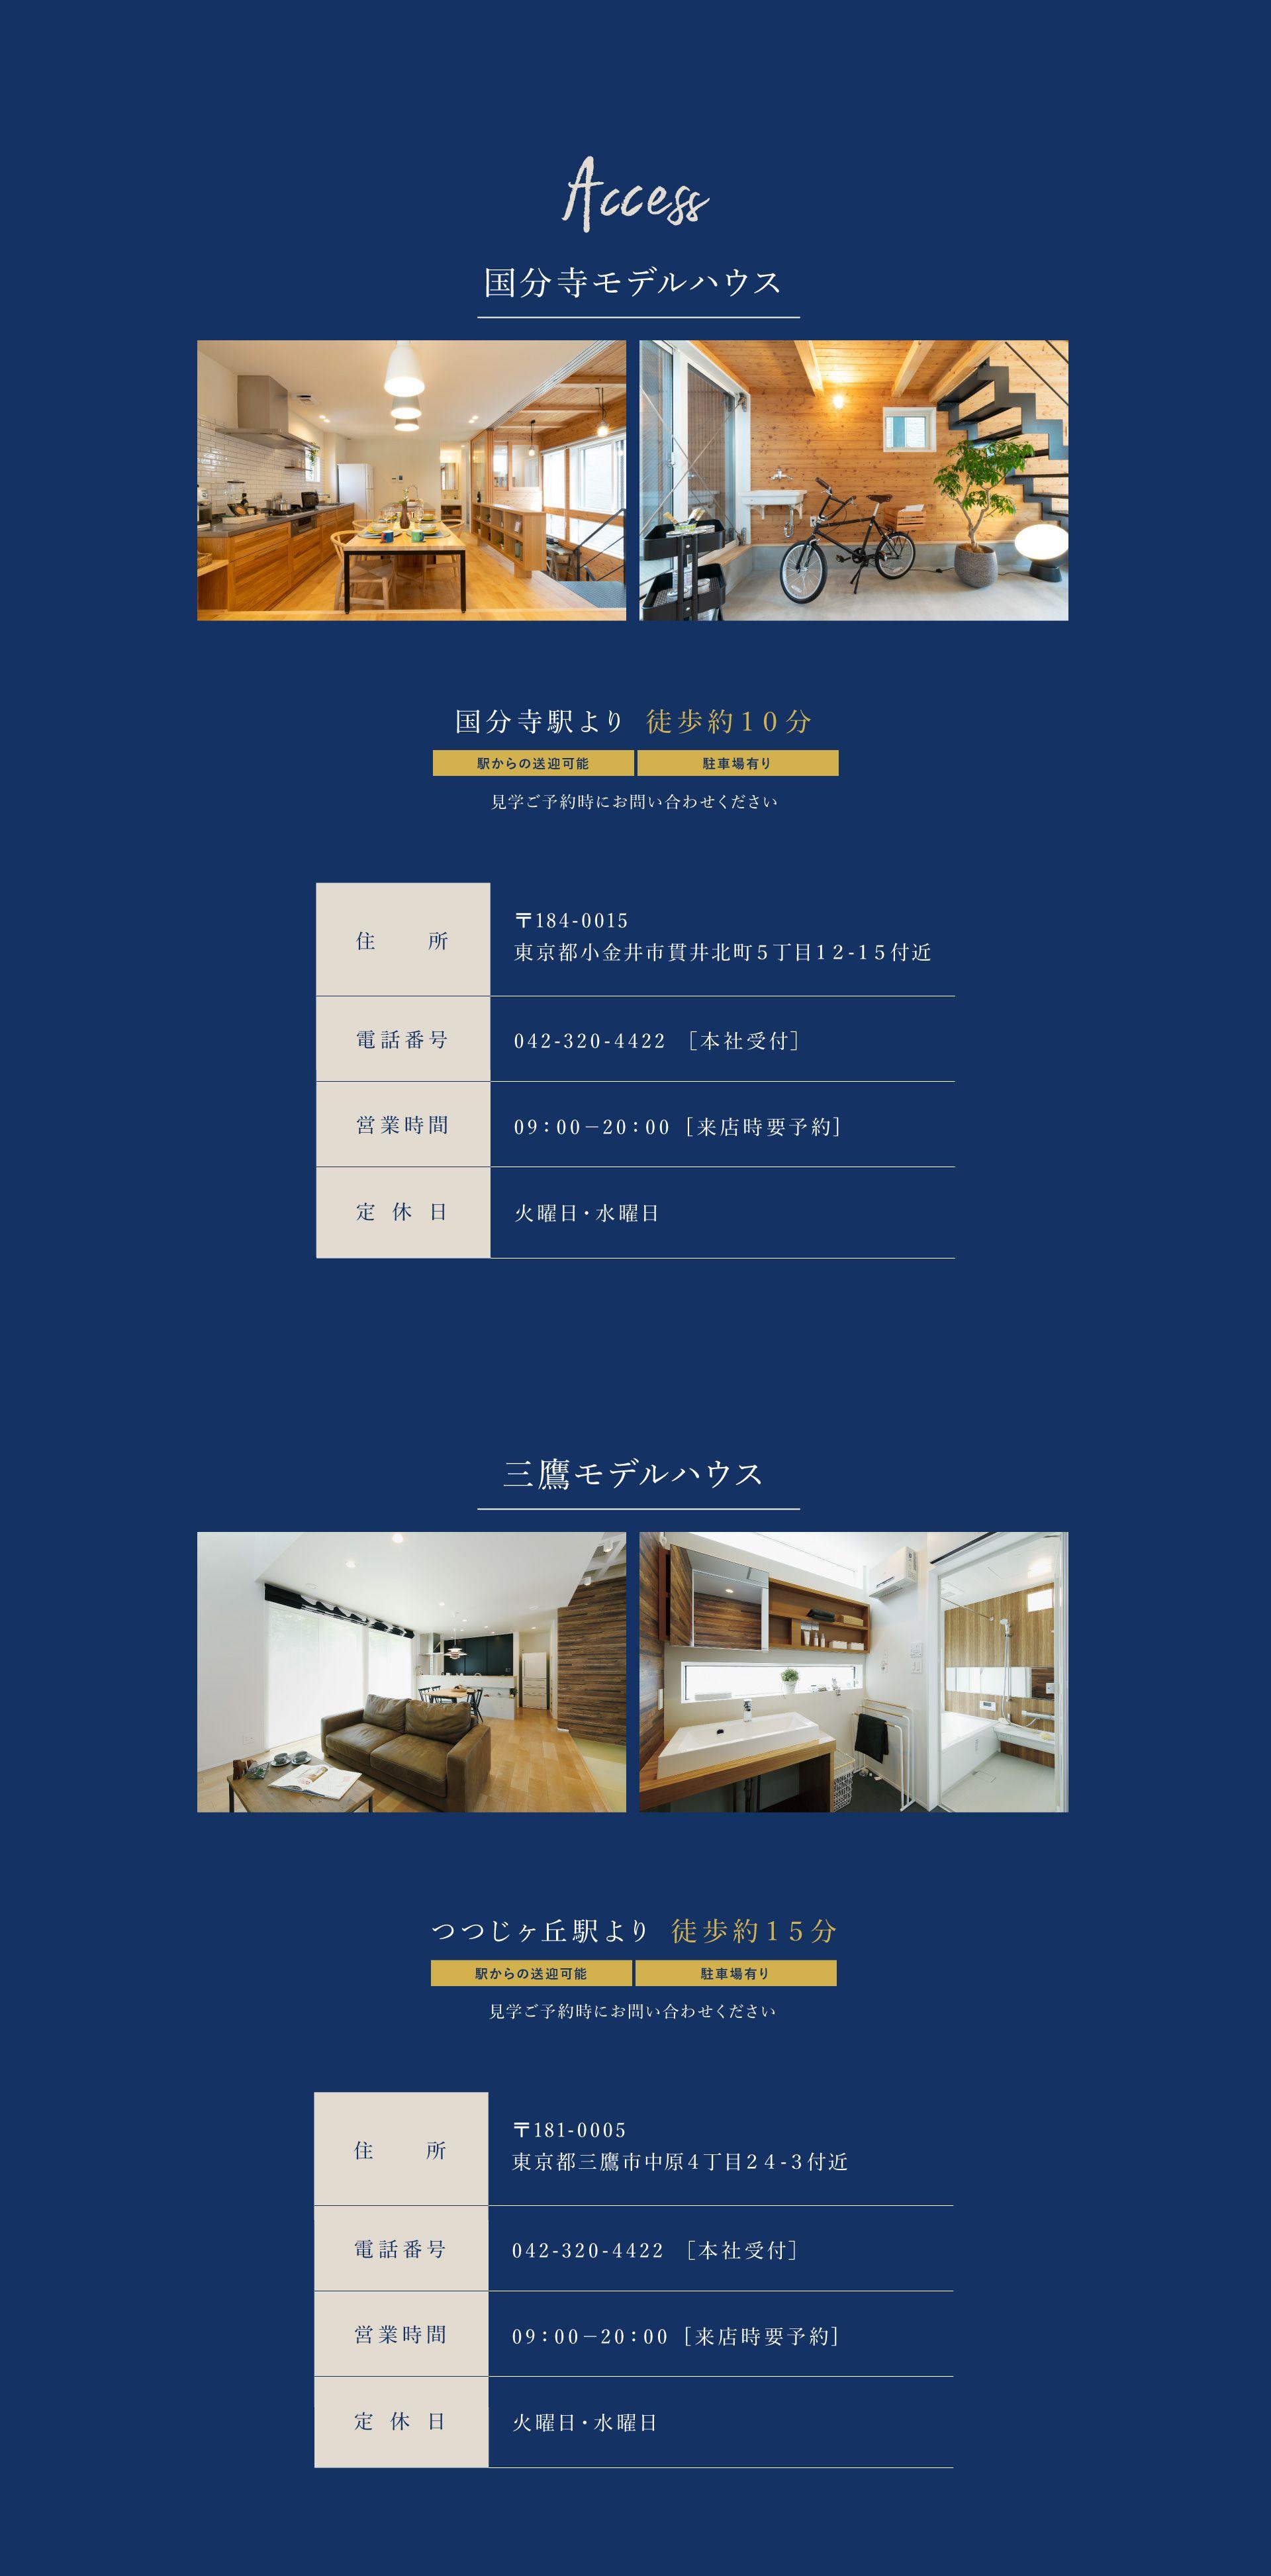 モデルハウスへのアクセス情報